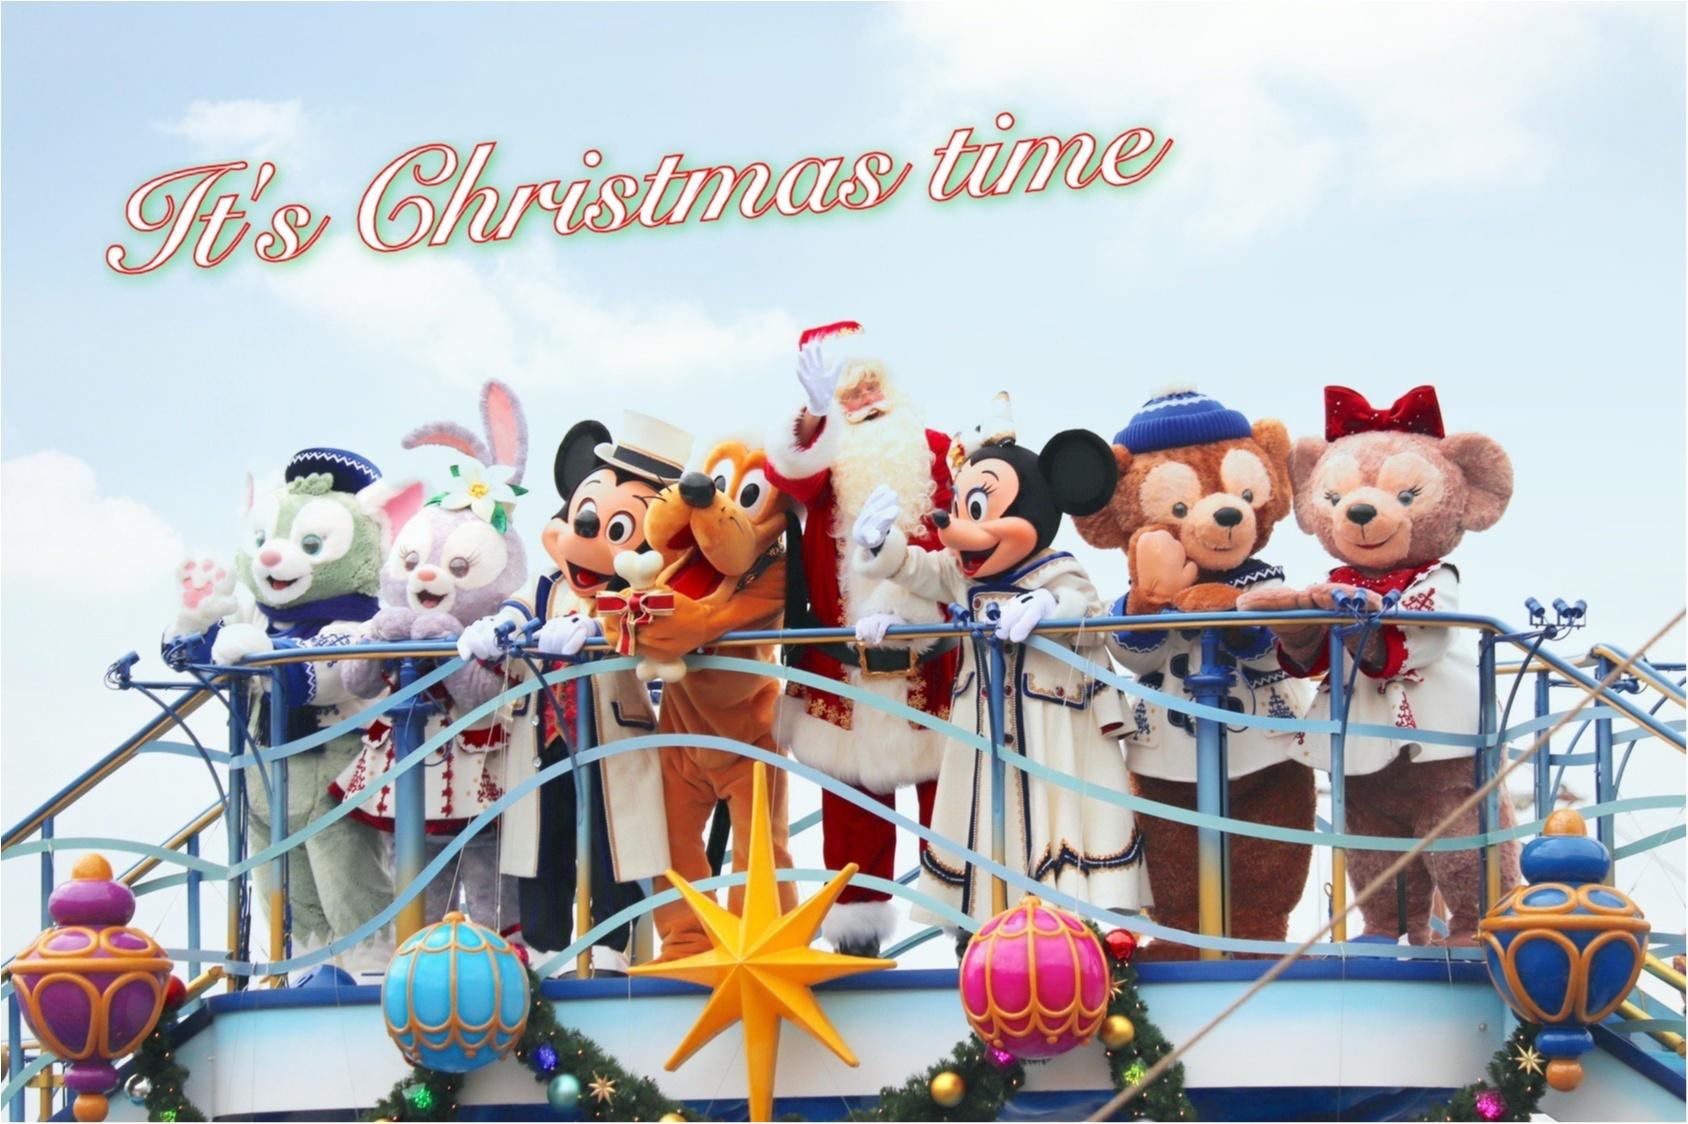 ▷【東京ディズニーリゾート】ファンが大興奮☆TDS New show『It's Christmas time』_2